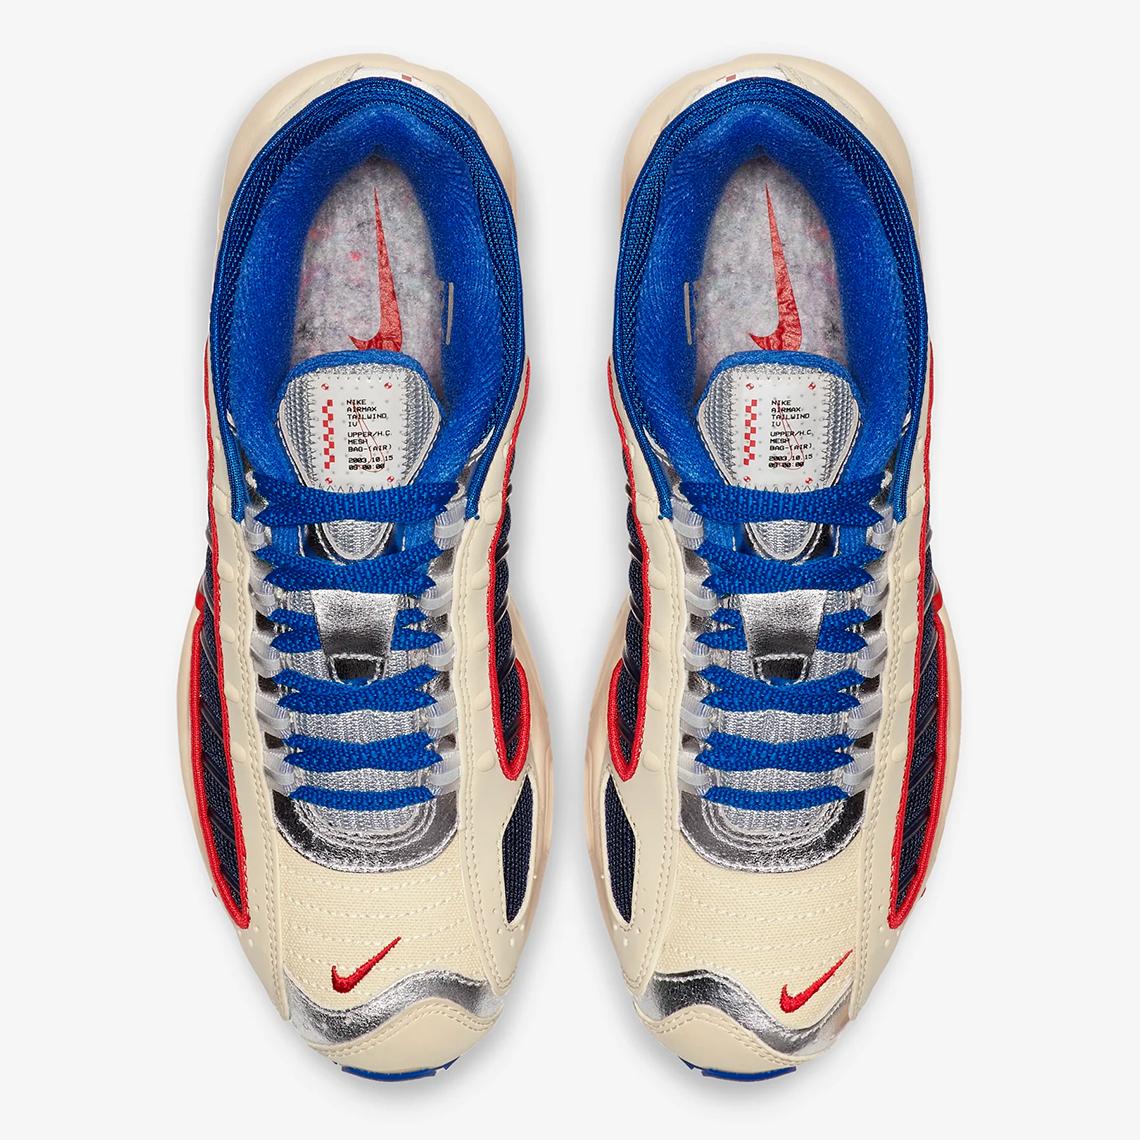 Sparen 77% Rabatt!Bestellen Nike Air Max 90 Ultra SE Blau